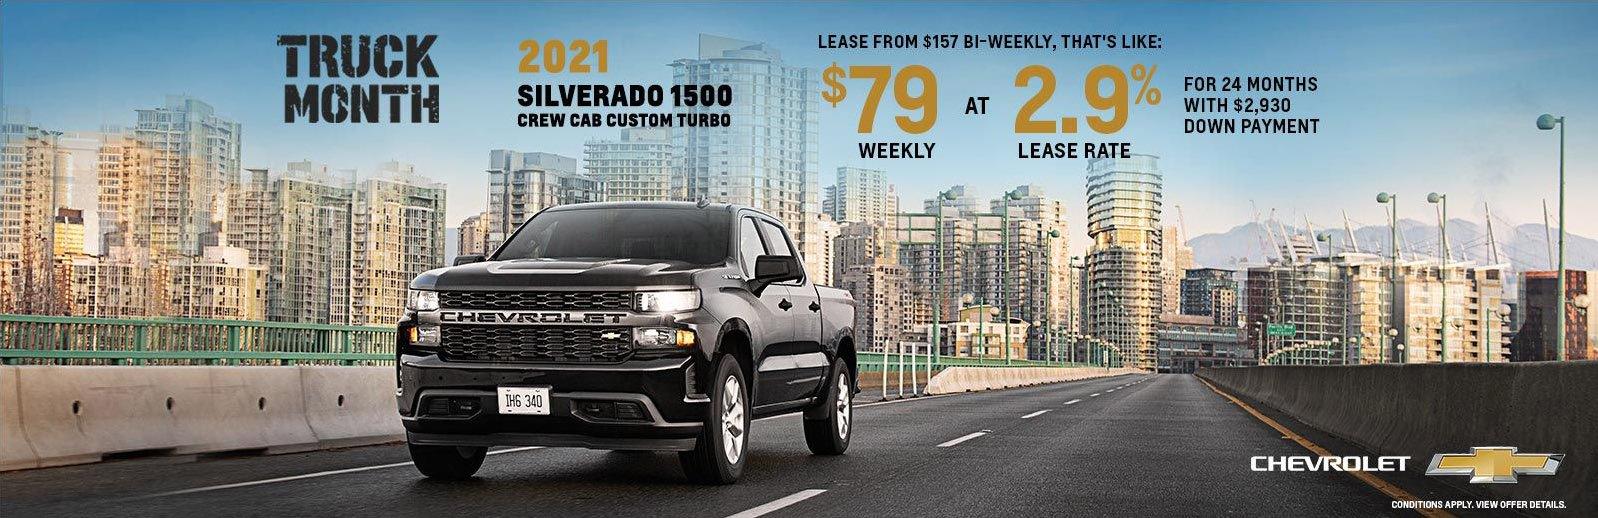 2021-chevrolet-silverado-1500-truck-carter-gm-burnaby-northshore